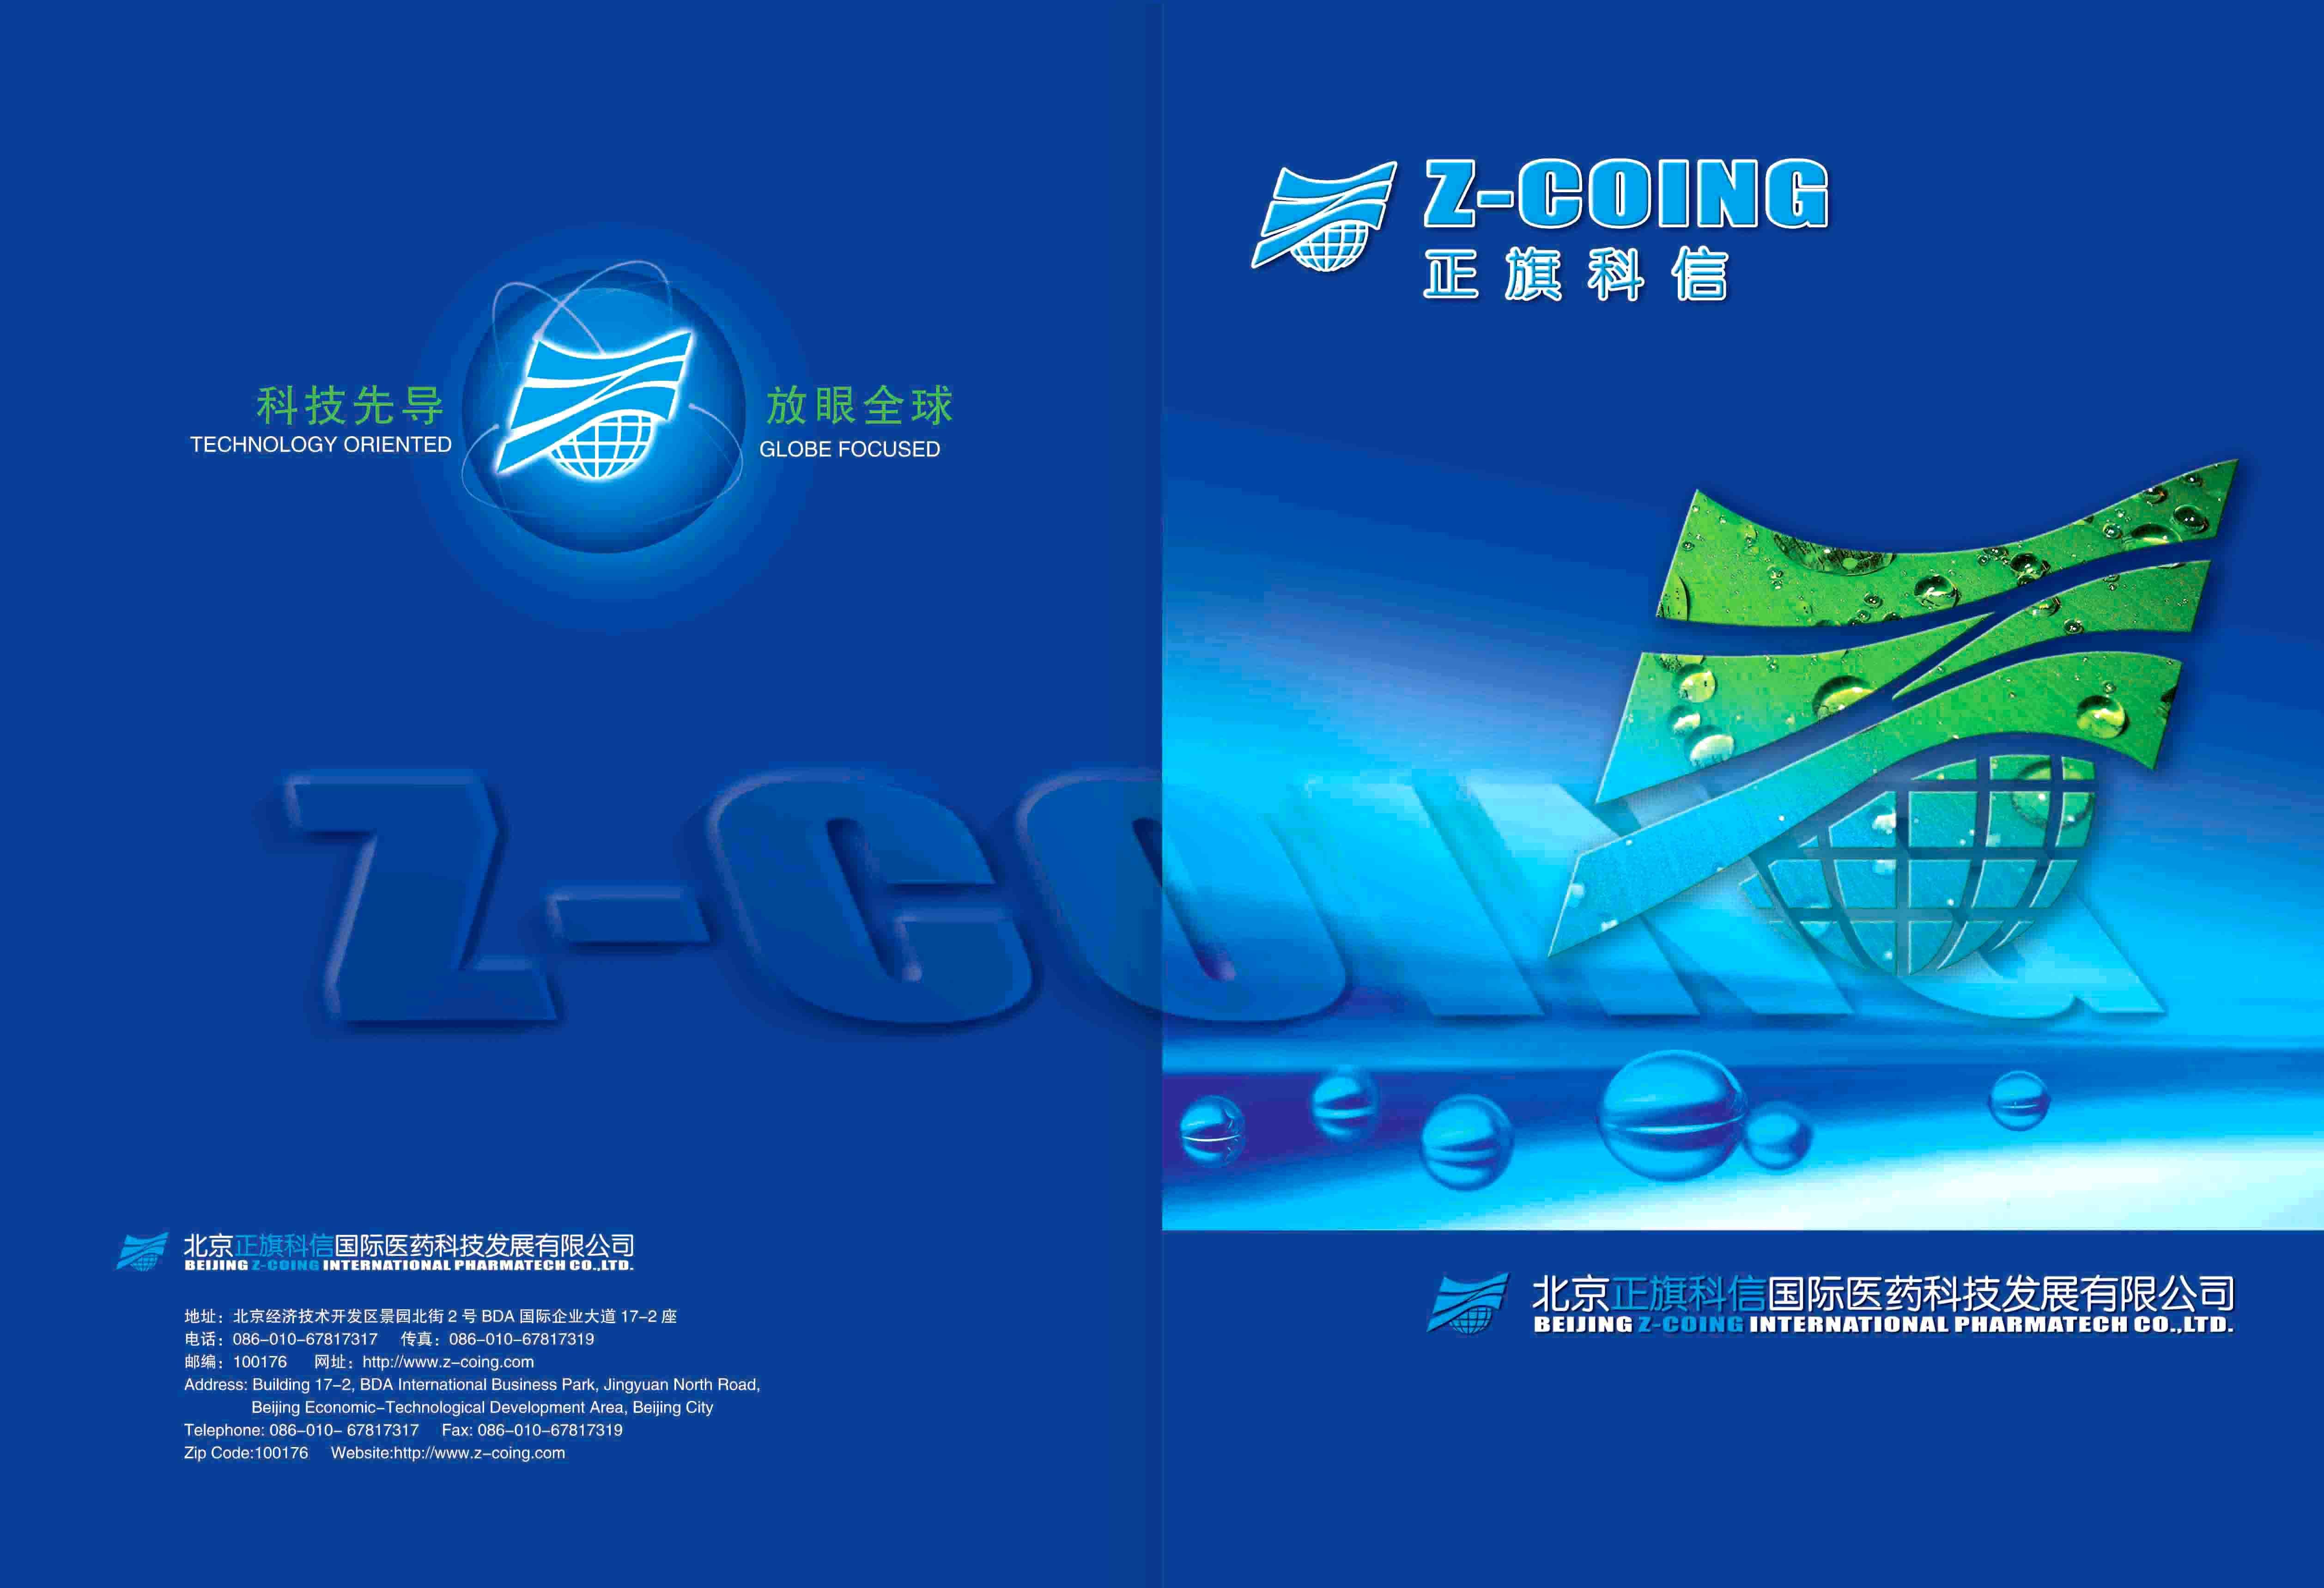 国际医药公司宣传册封面/封底设计 尺寸:210*285mm,竖式,骑马钉(请不要设计成胶装和精装的) 封面放置LOGO 封底放置口号和联络方式 画面表现: 1、可以从标志入手,使用旗帜和地球作为主元素 2、也可从意念入手,如国际化、科技、健康、生命、水 色彩: 蓝色为主,绿色为辅 2点注意: 1、尽量使用大图片 2、西医医药公司,不需要中国传统文化类的表现 就上述要求特征求外封设计作品,在下周二(12月25日)做第一次审评,若无满意作品,则延续至29日。 若可长期合作者(有充足的时间,表现力强),请特别注